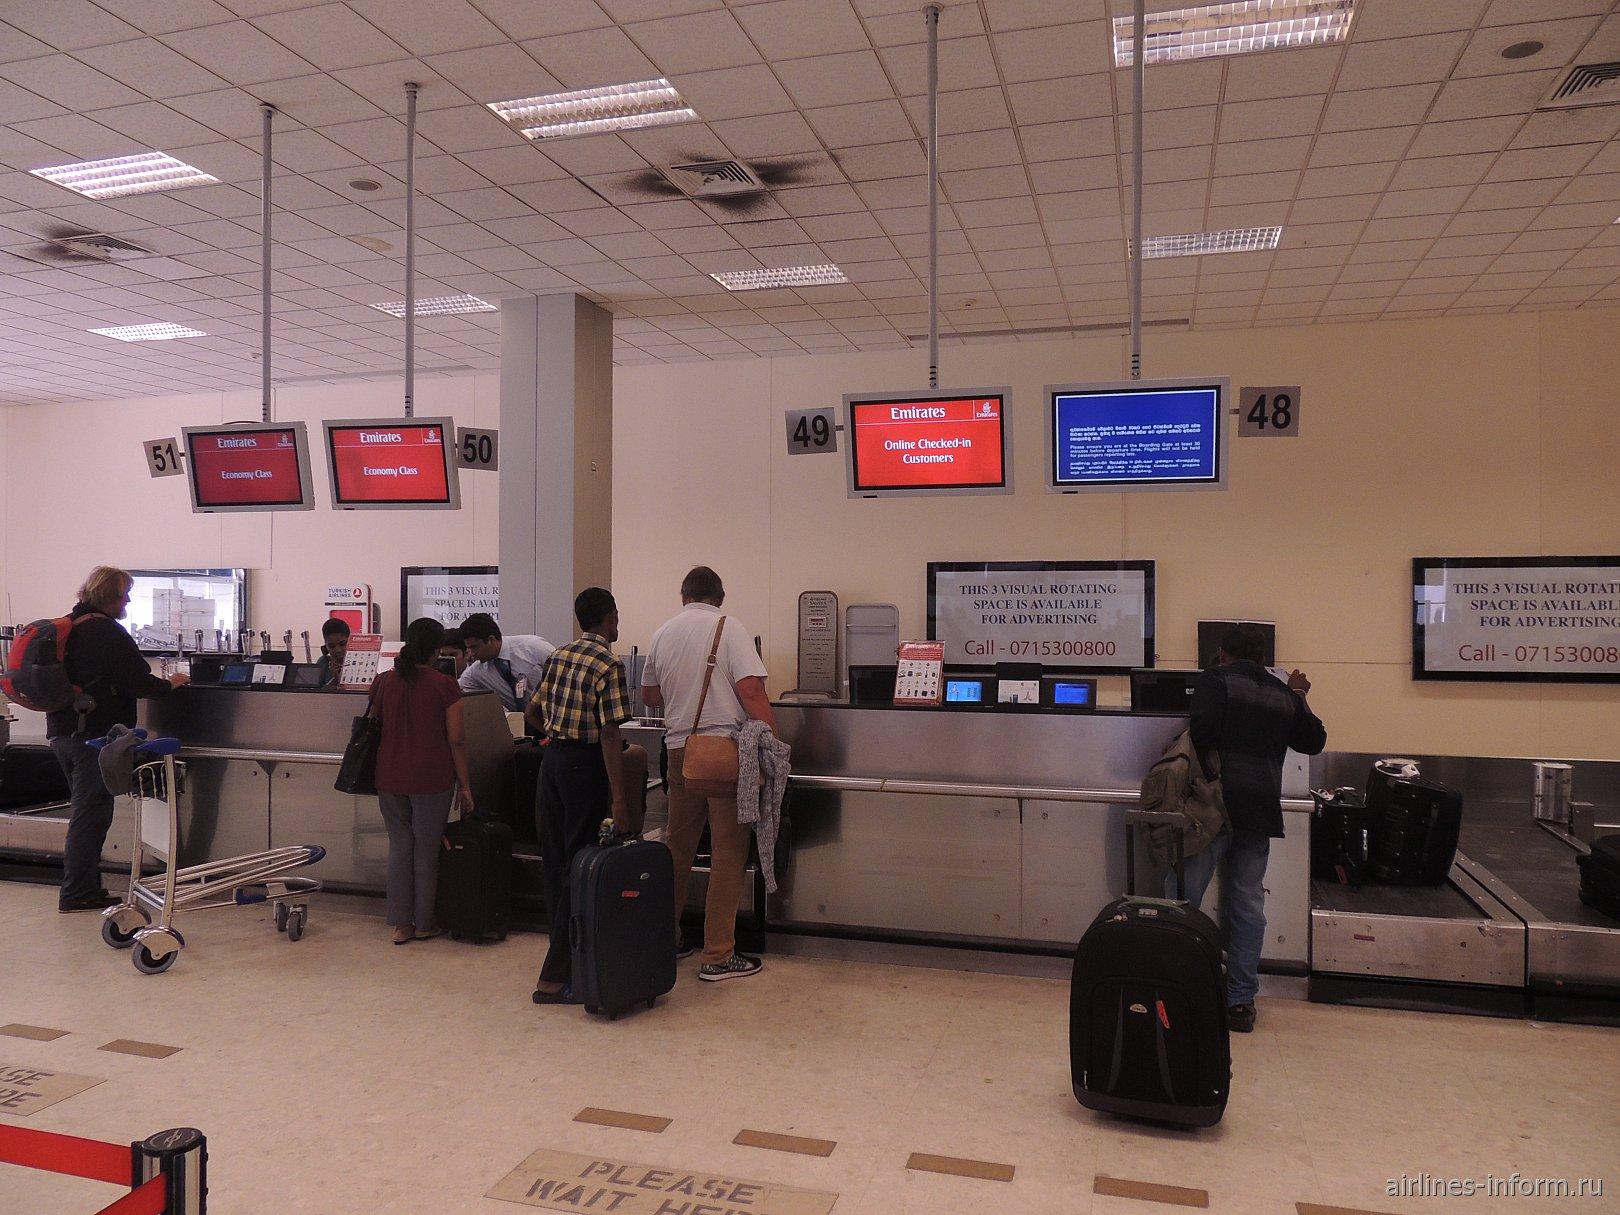 Стойка регистрации в аэропорту Коломбо Бандаранайке